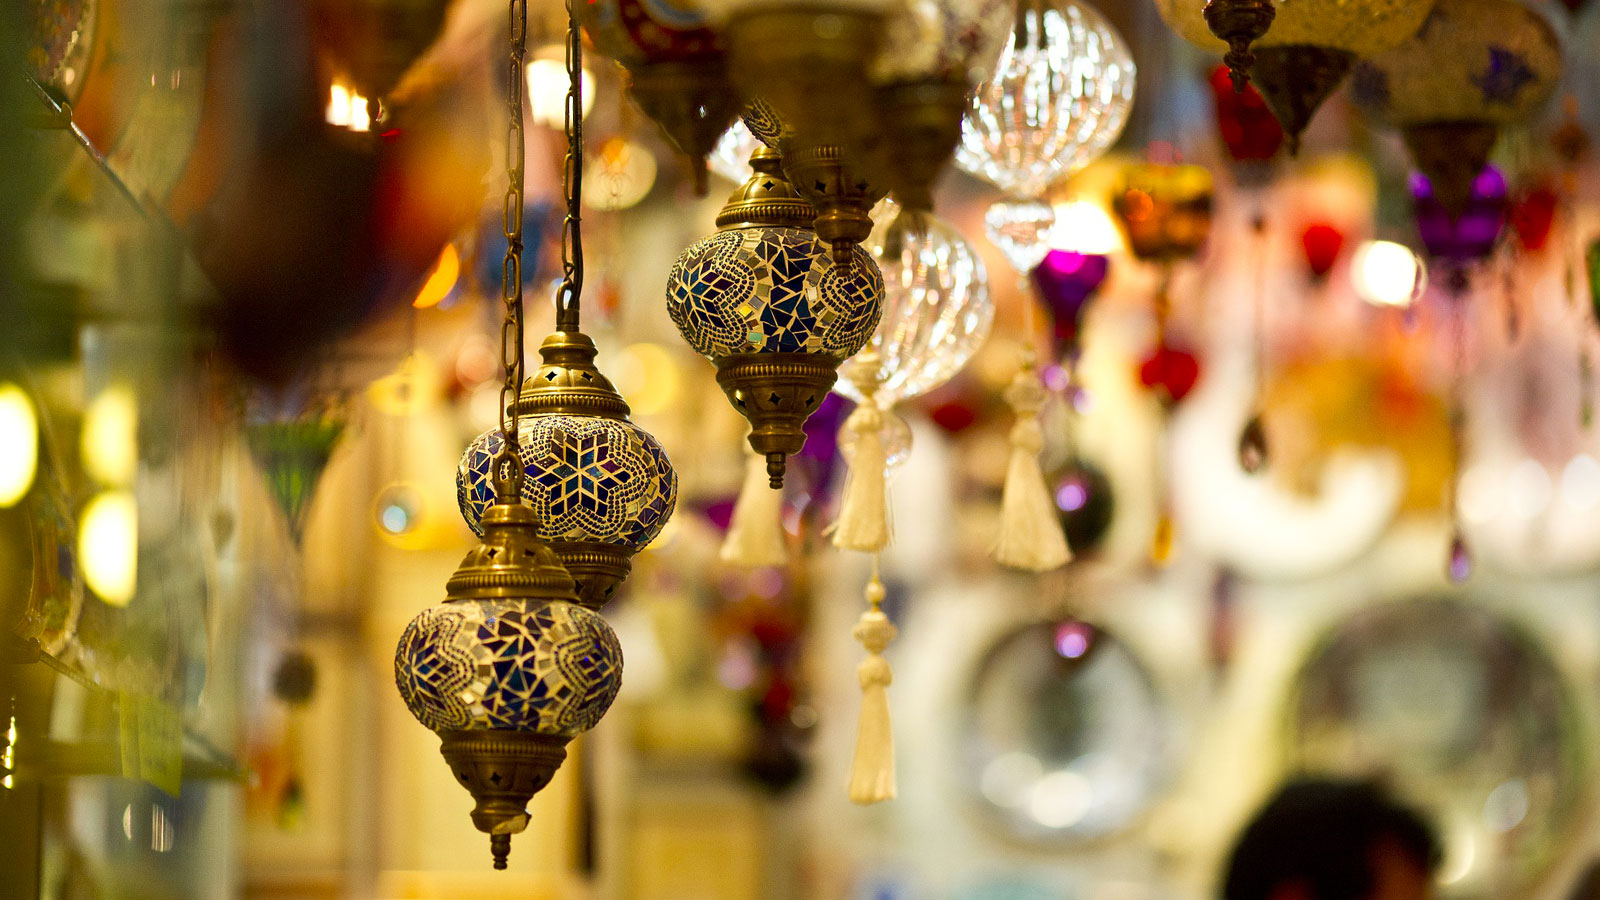 Turchia lampade tradizionali